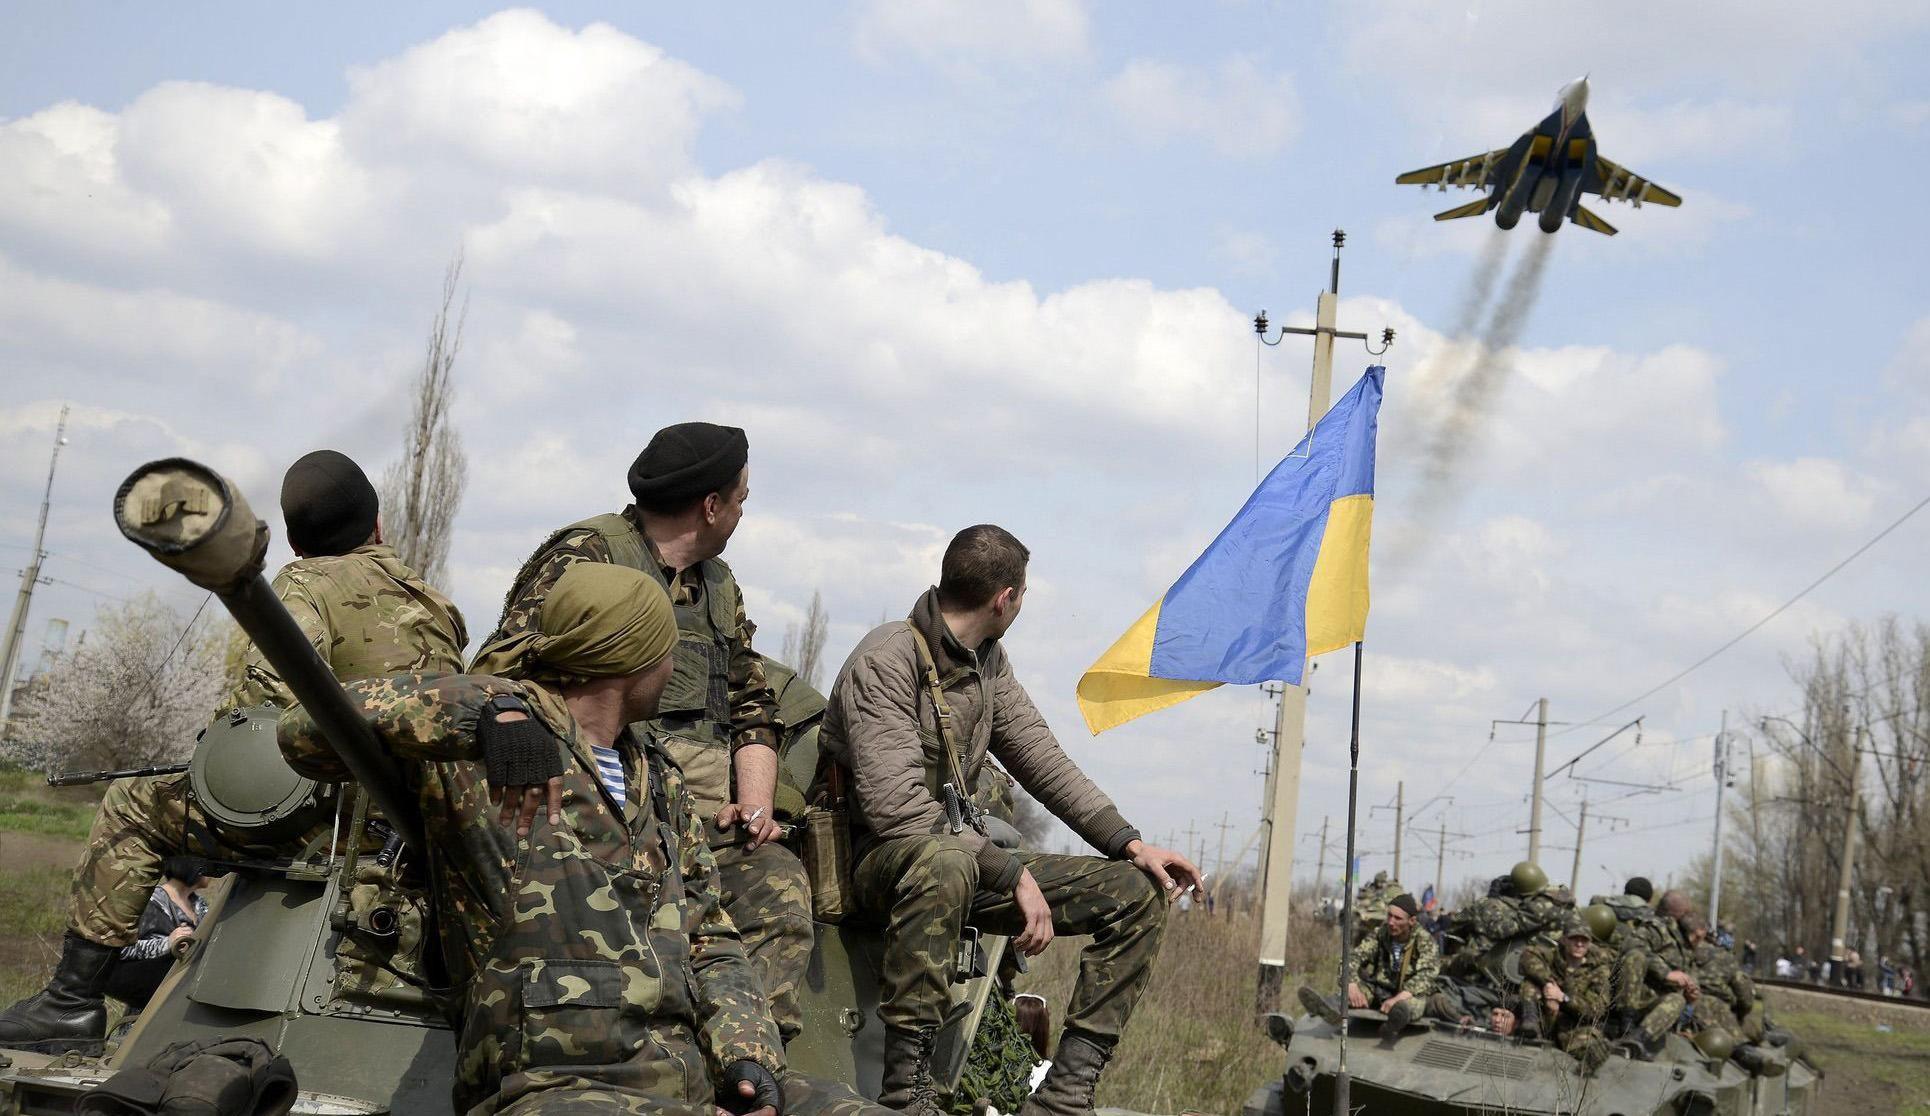 Ликвидировать нельзя оставить: что будет с военной прокуратурой - Последние новости Украины - 24 Канал